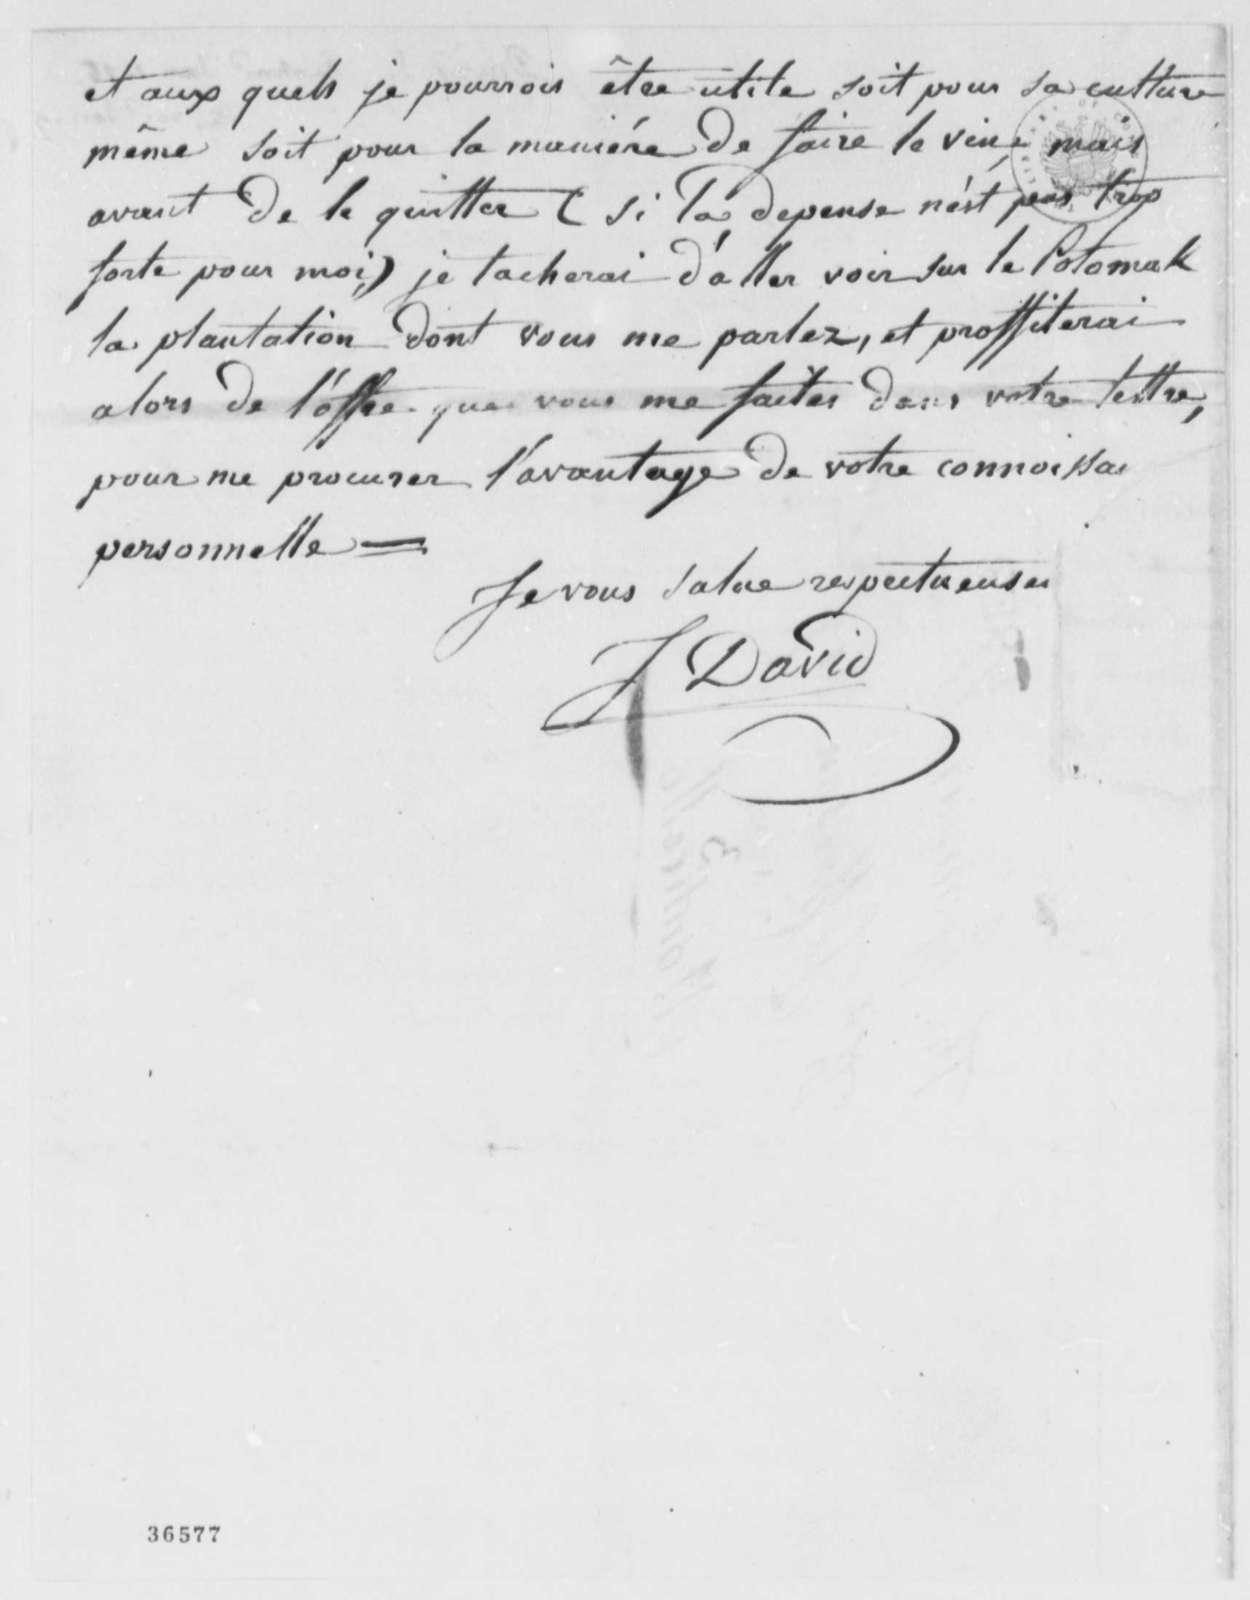 John David to Thomas Jefferson, January 1, 1816